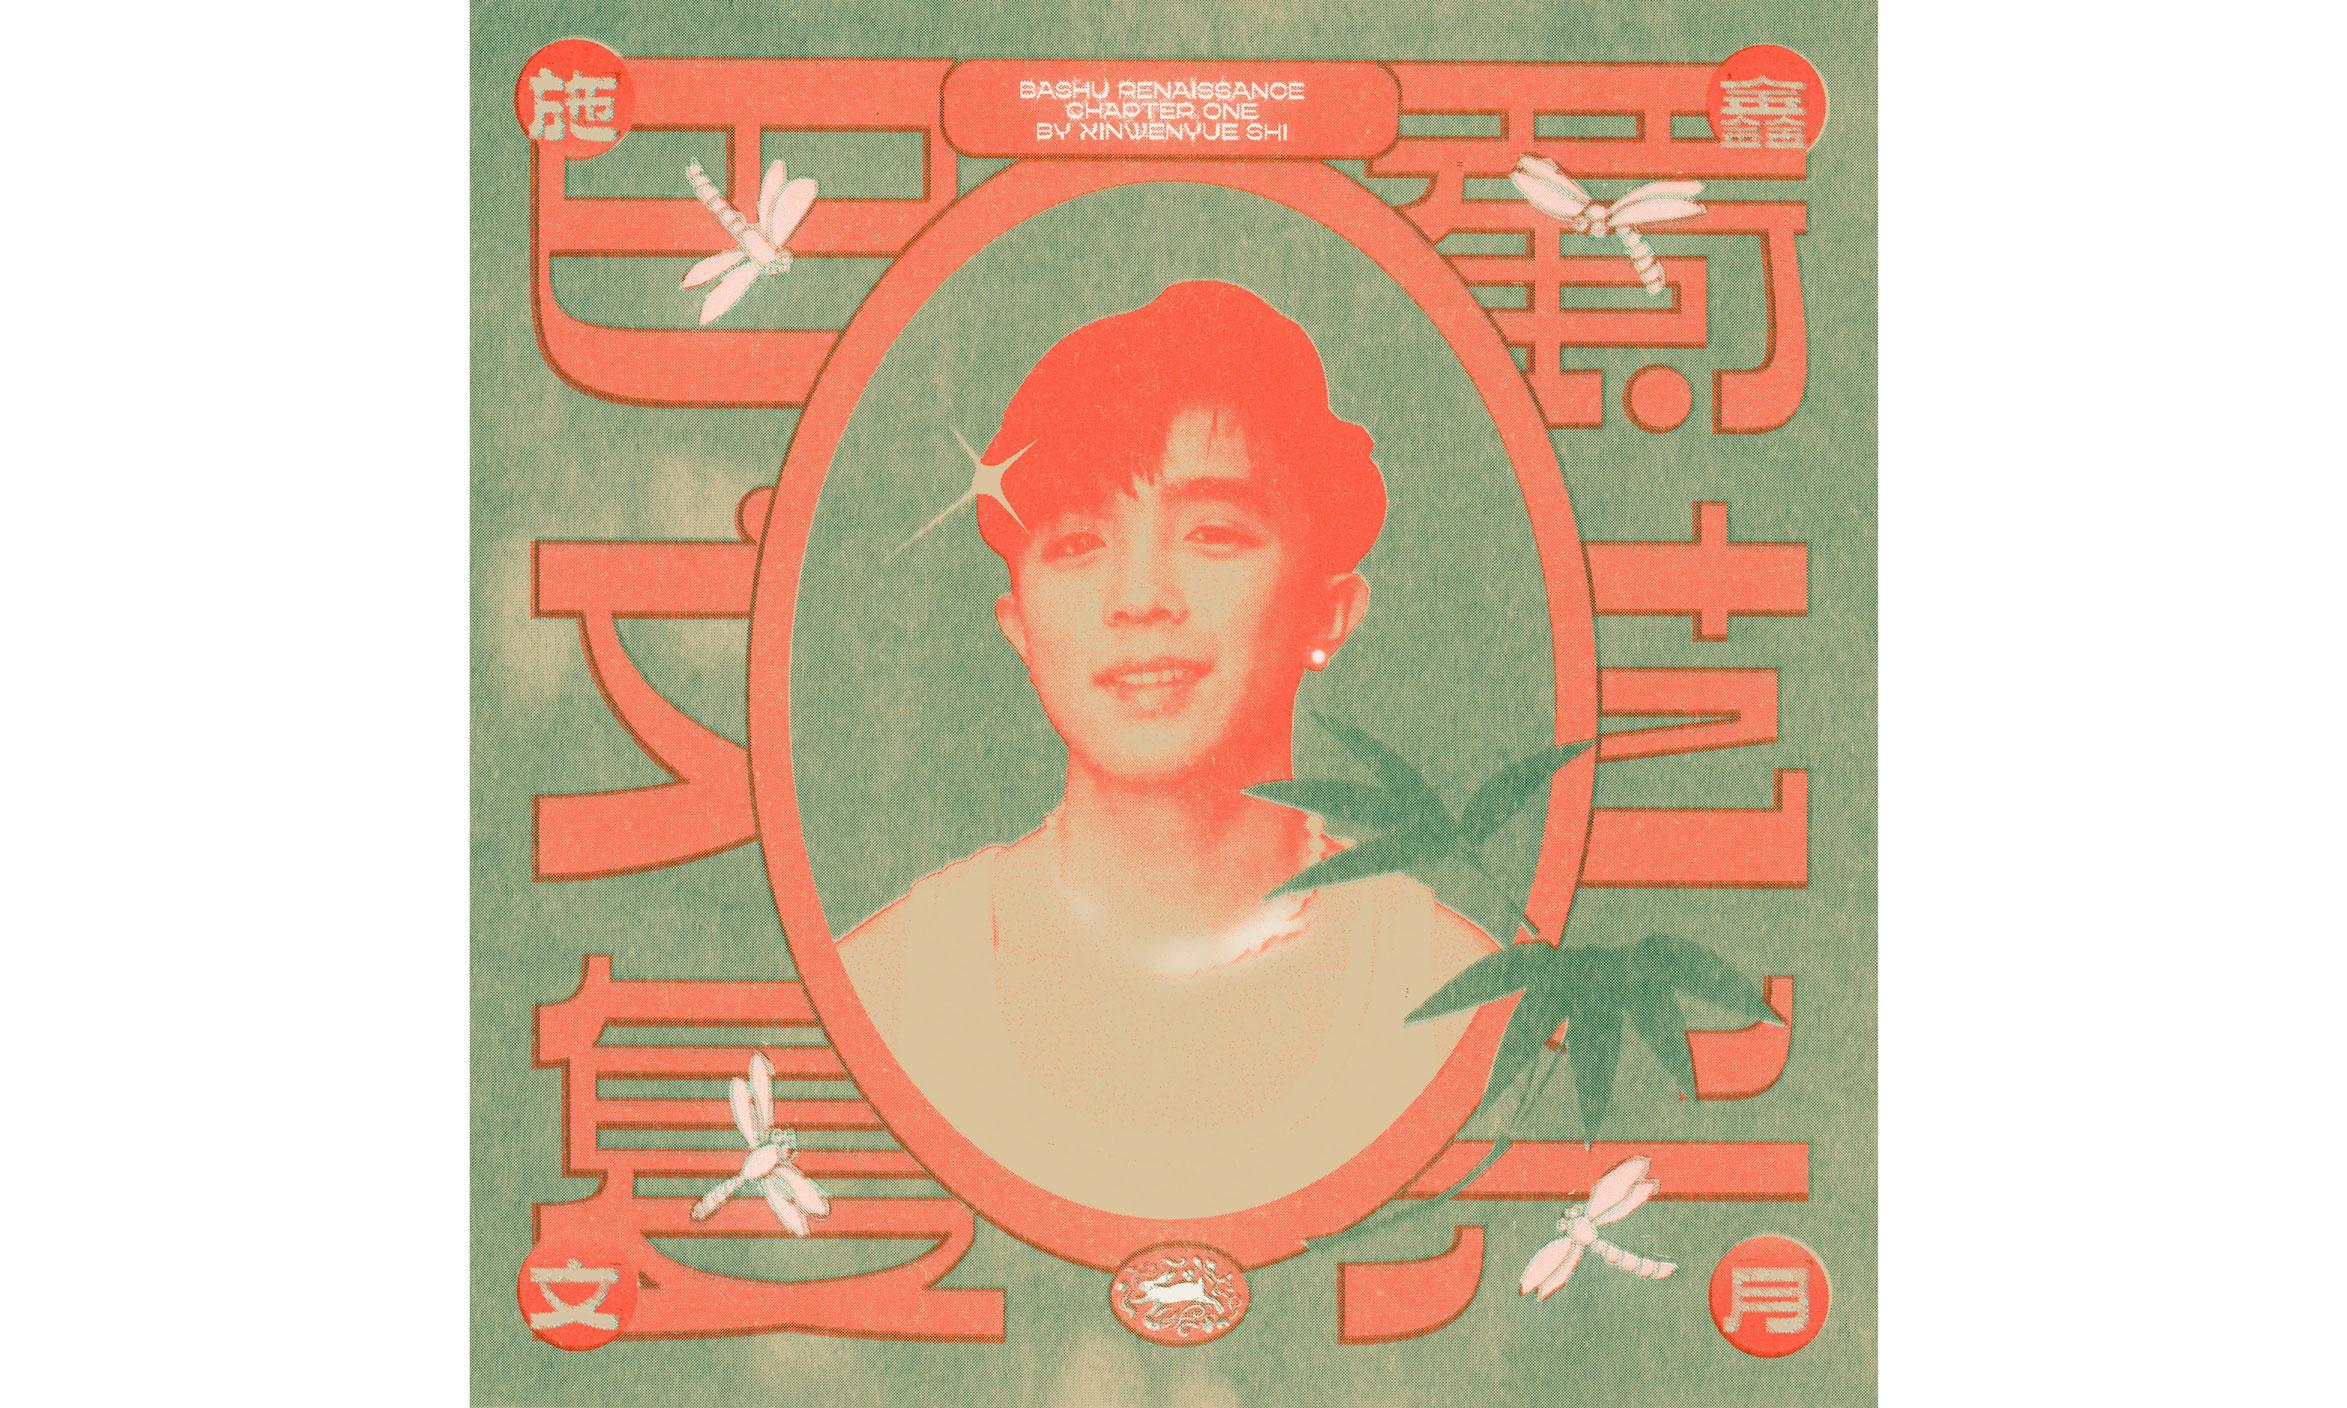 施鑫文月首张个人专辑《巴蜀文艺复兴》正式发布